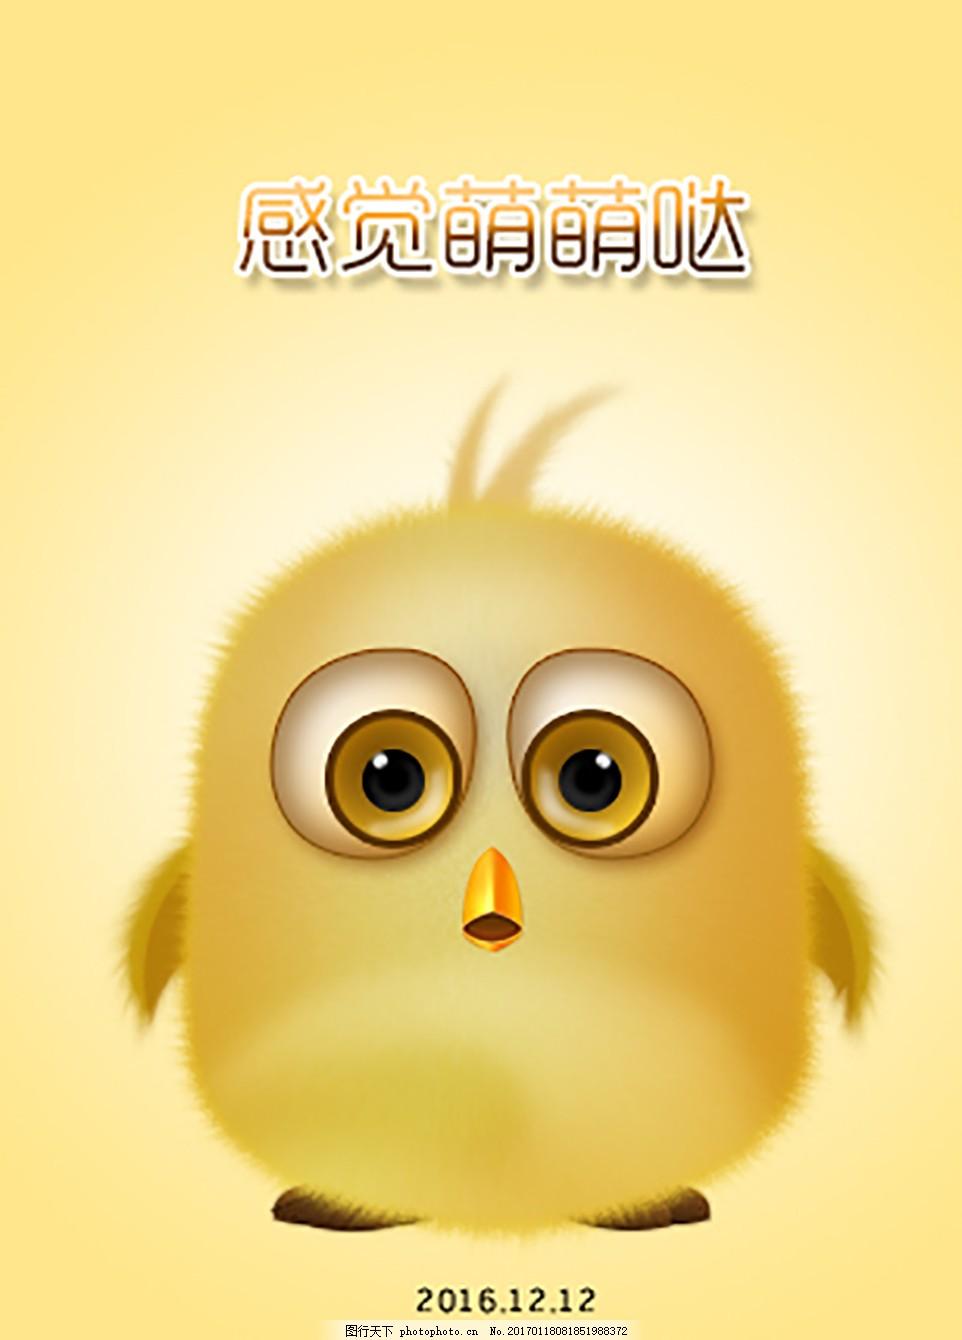 萌萌哒 原创 小鸟 卡通 动物 大眼睛 卡通插画 画画 背景 黄色